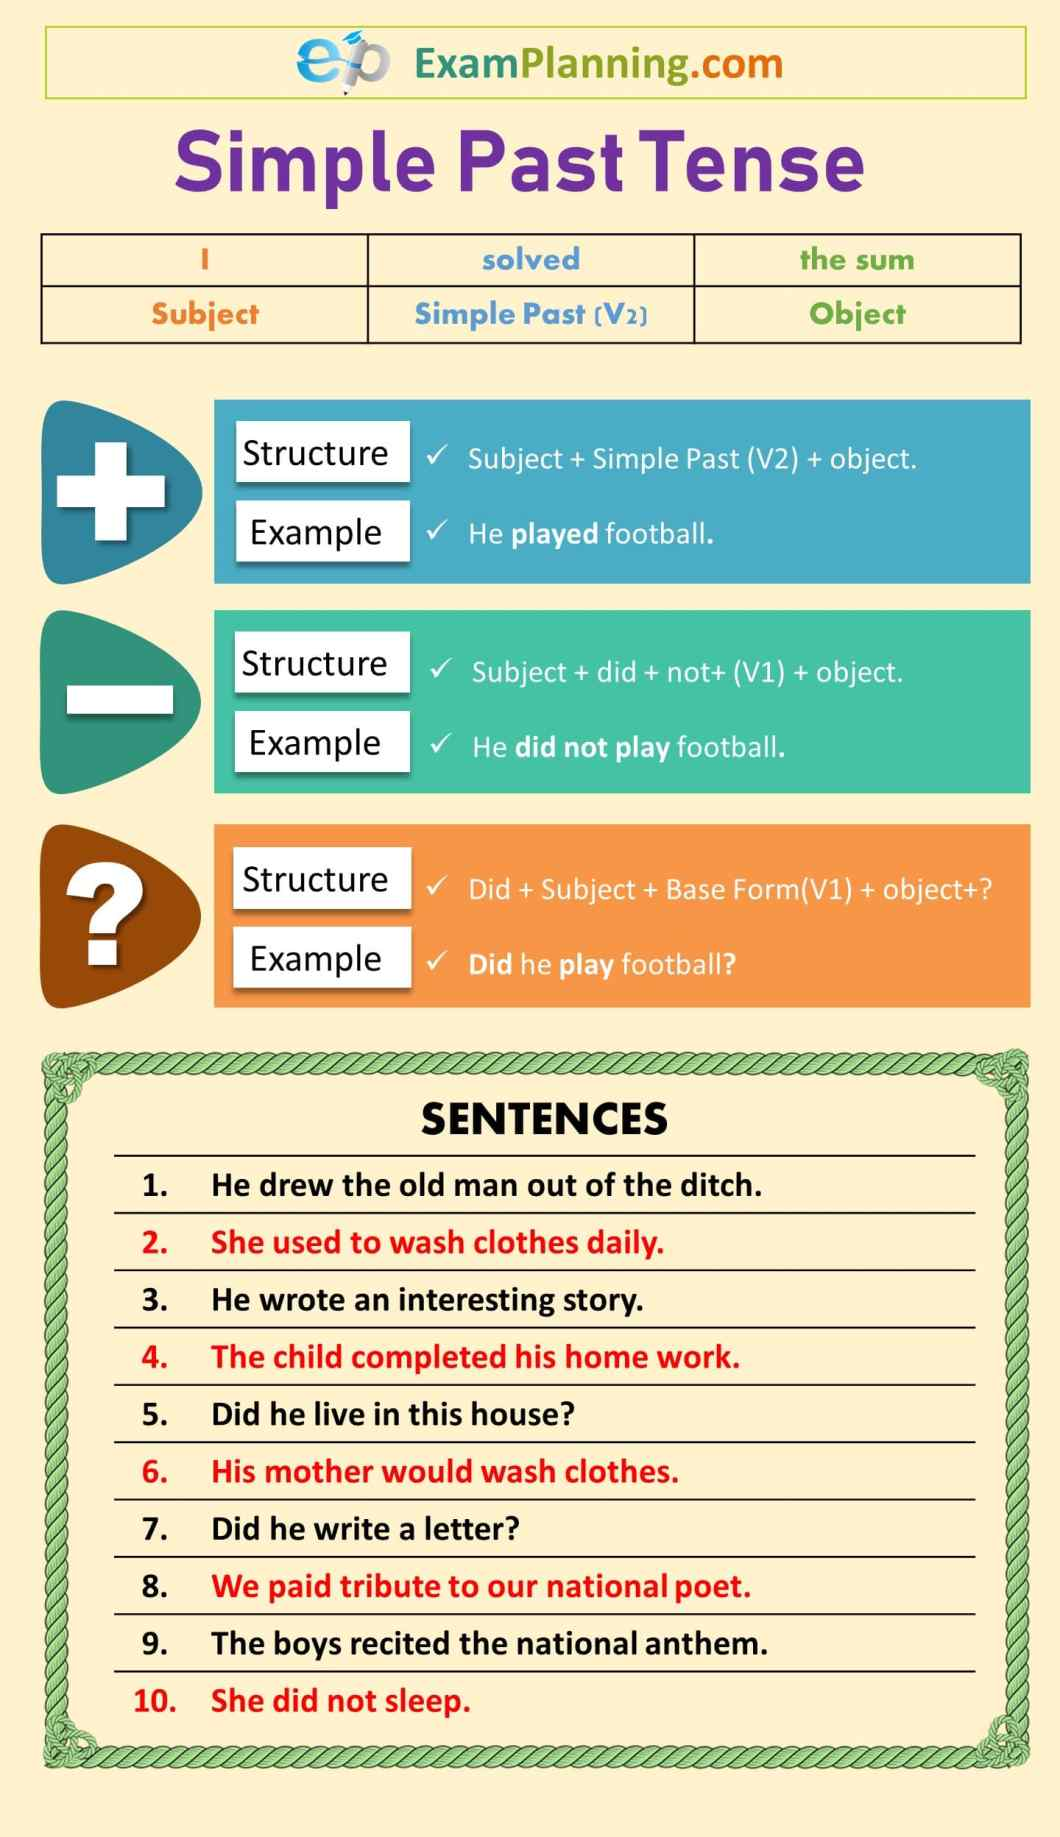 Simple past tense formula & sentences